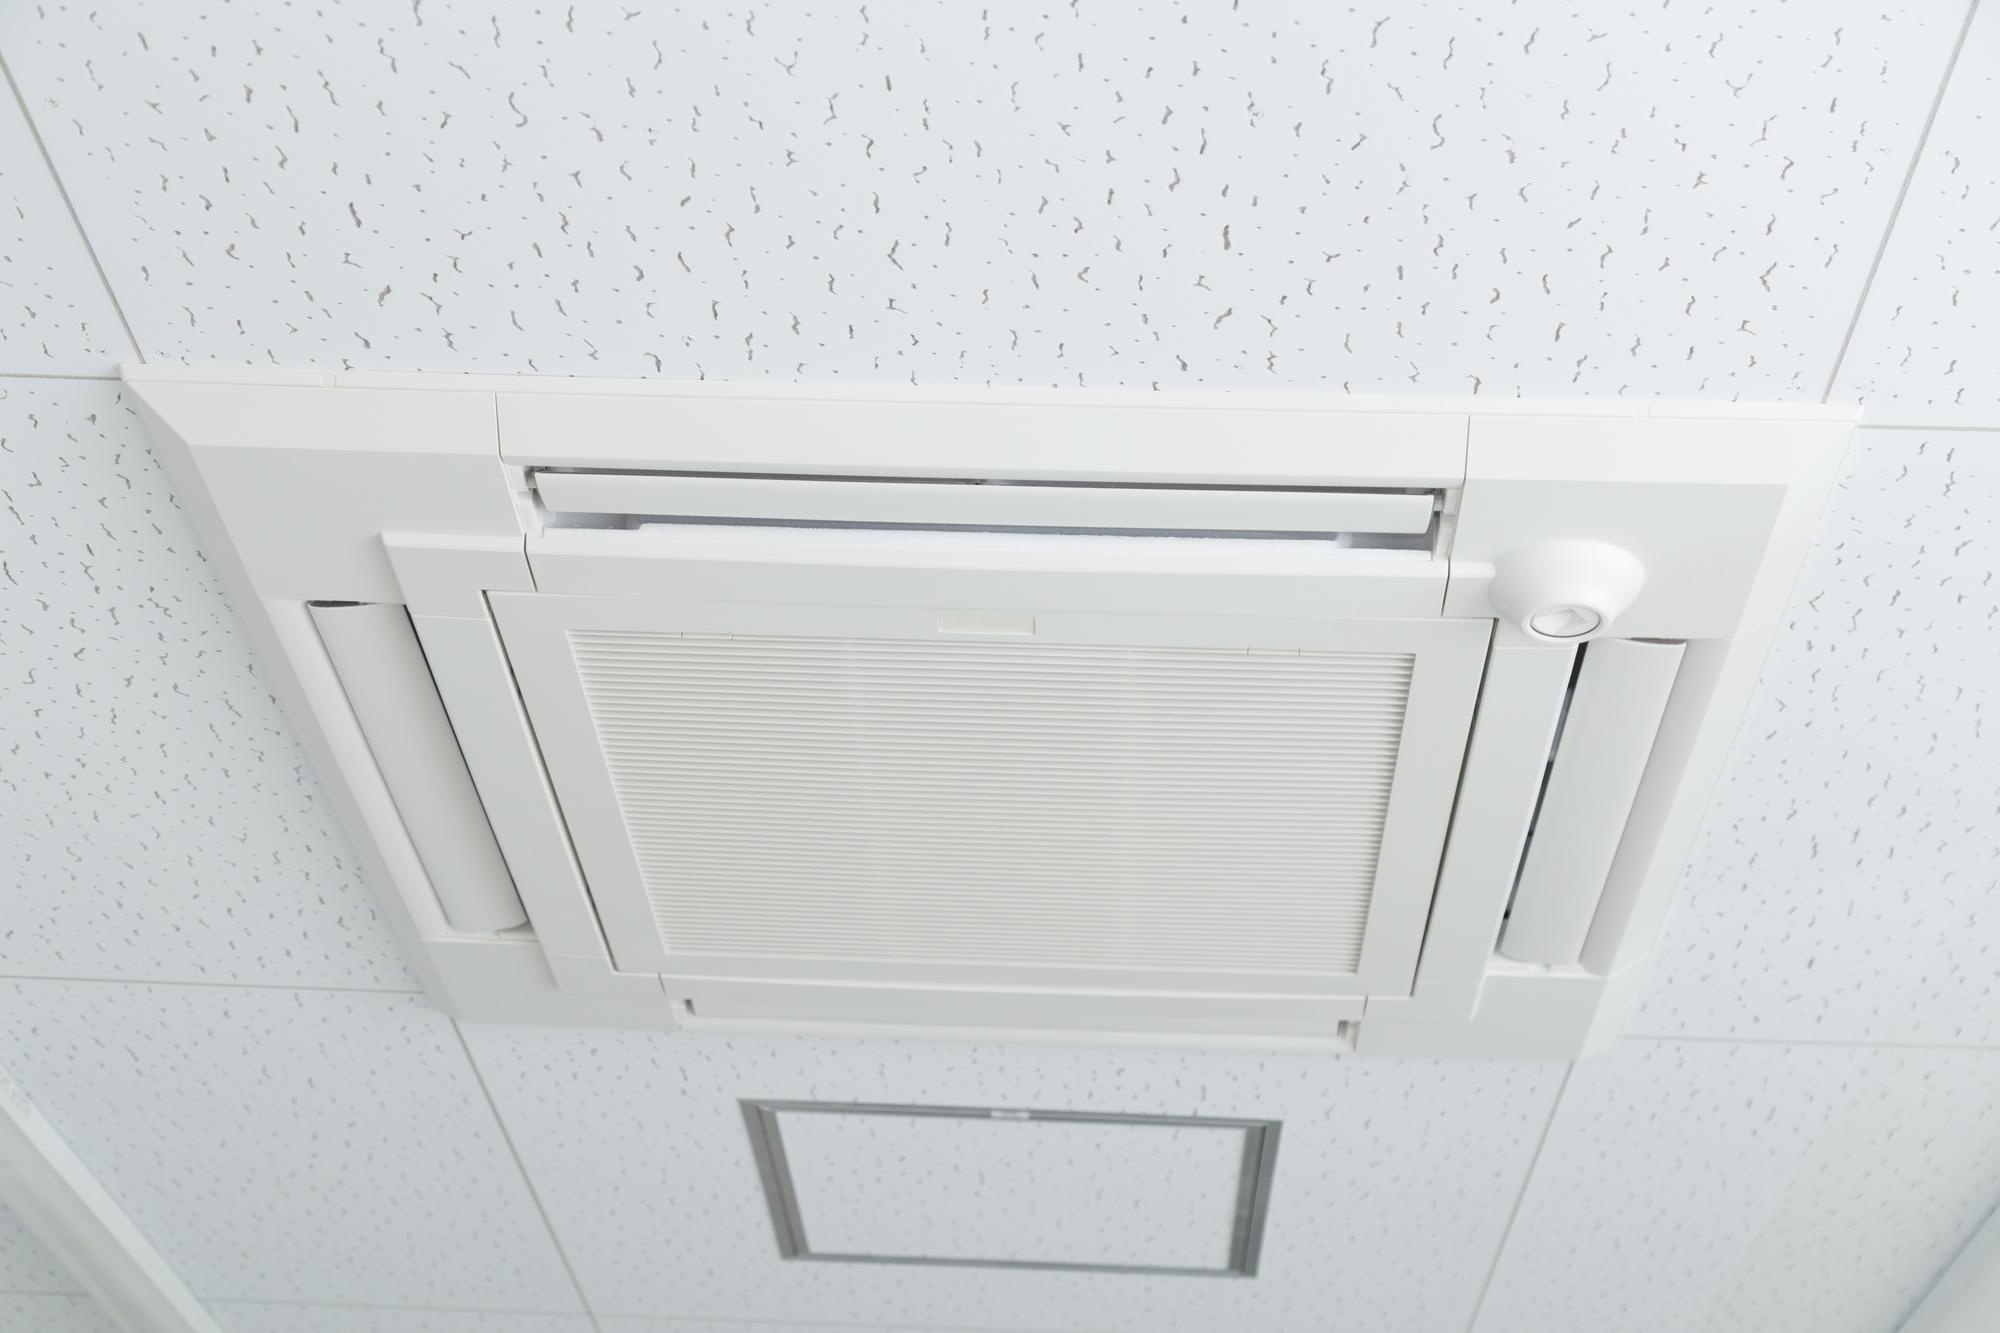 業務用エアコンの賢いクリーニング方法とは?